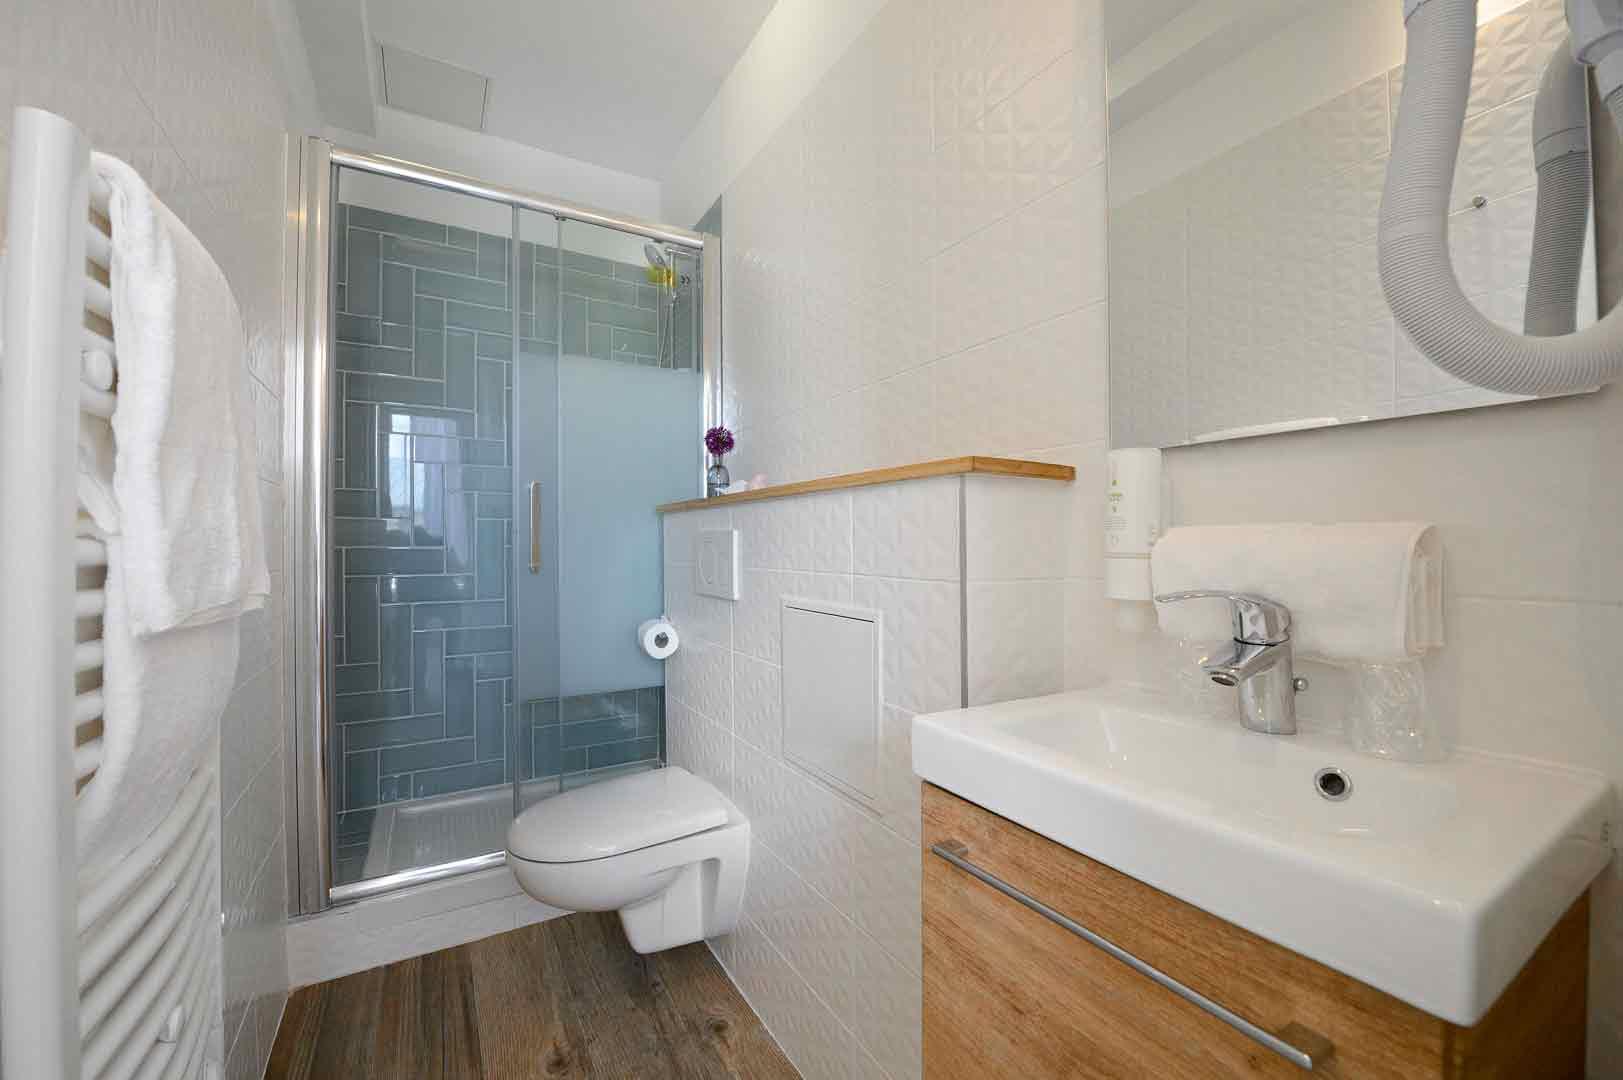 Salle de bain d'une chambre de notre hôtel contemporain à Paris, l'hôtel Terre Neuve.